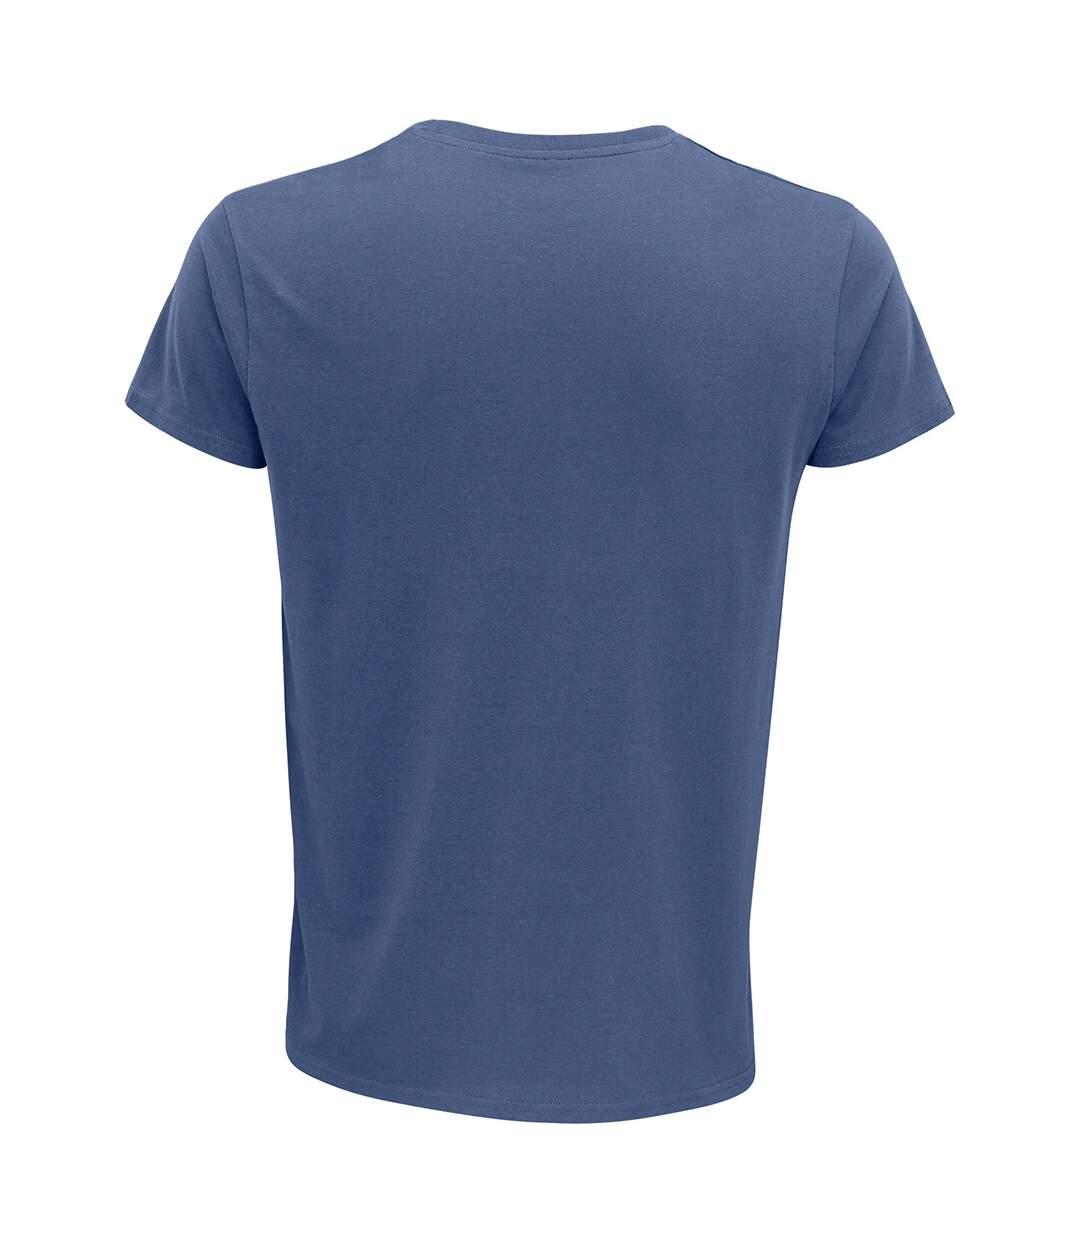 SOLS Mens Crusader Organic T-Shirt (Denim) - UTPC4316